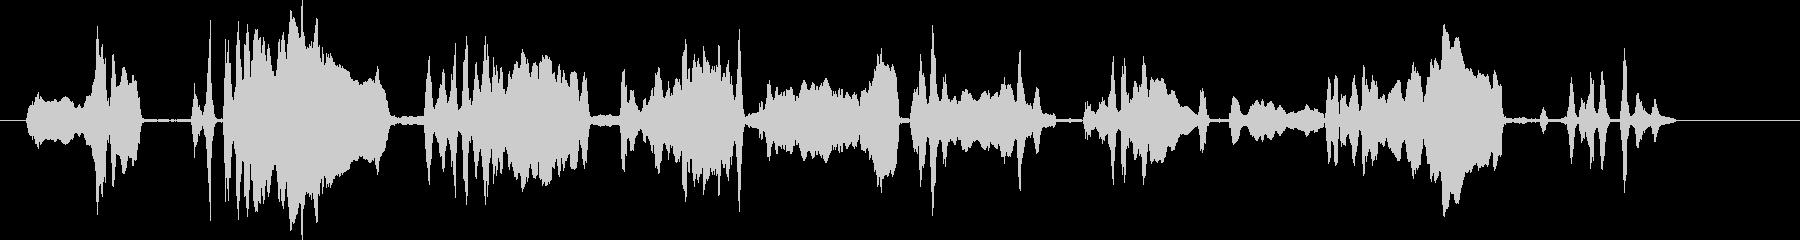 コヨーテハウル。バックグラウンドで...の未再生の波形